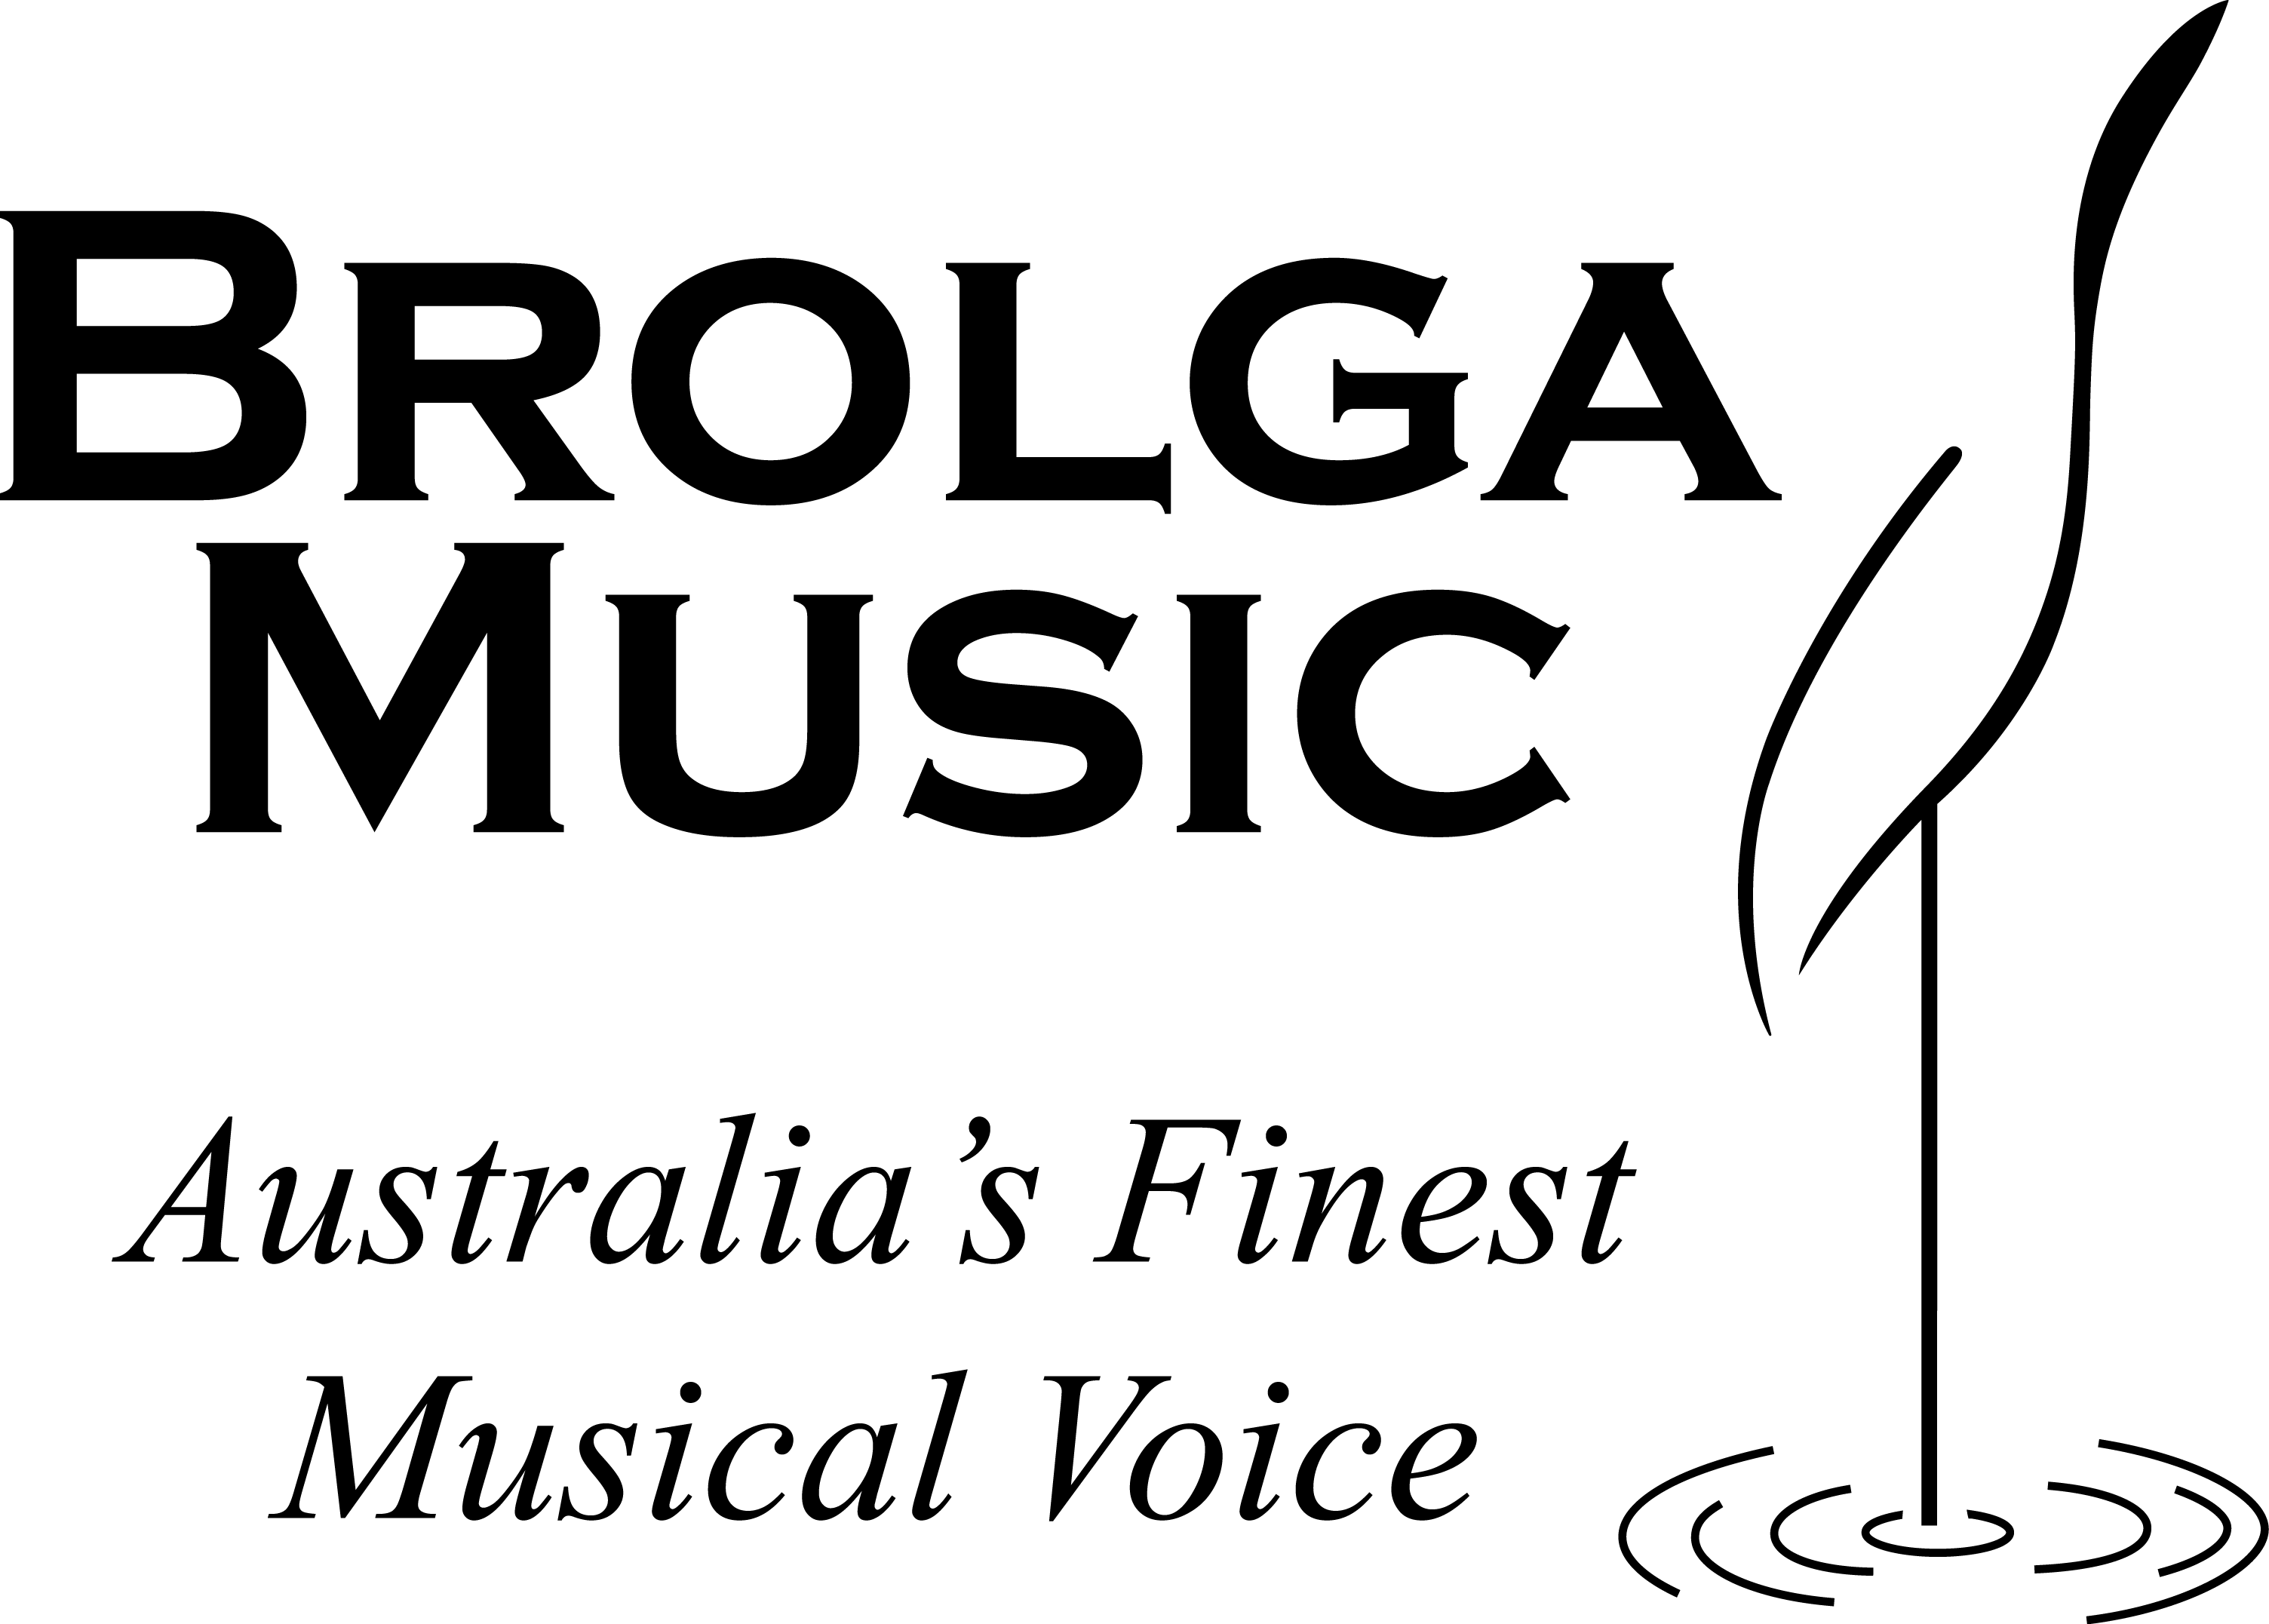 02-brolga-music-vector-logo.png